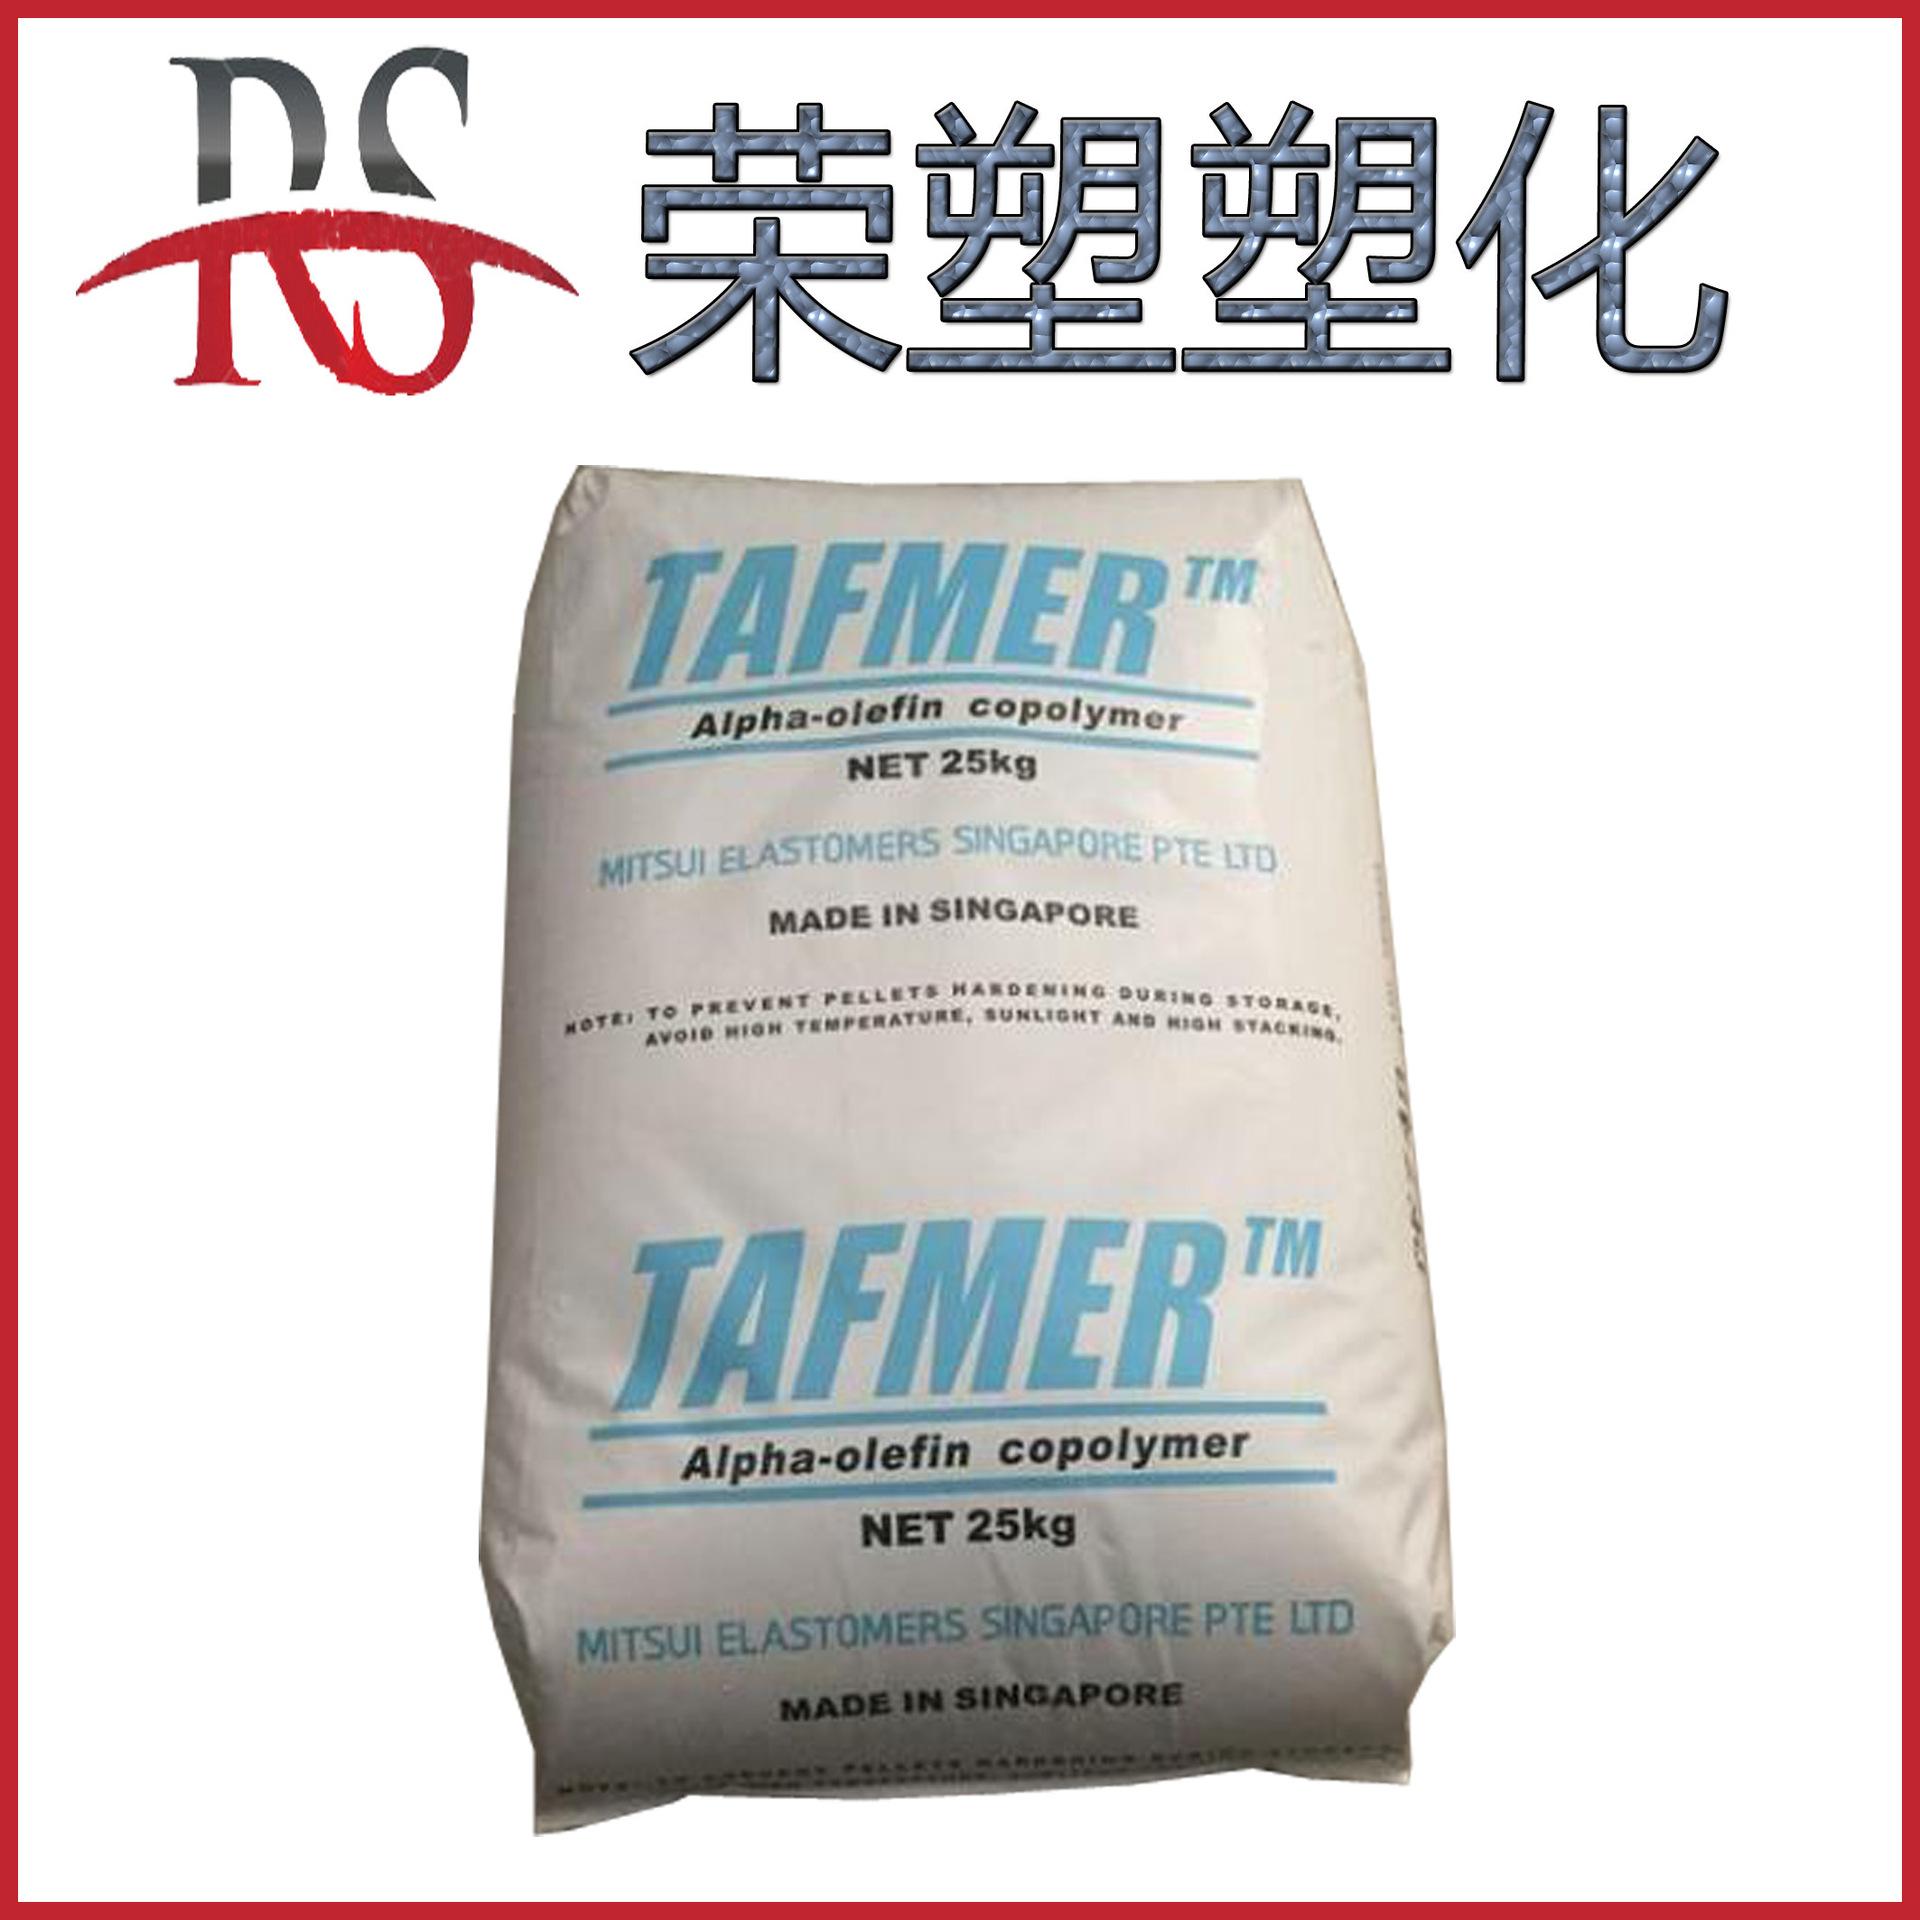 Trong suốt cường độ cao POE / Hóa chất Mitsui / DF610 Cấp độ chung Dây cấp y tế và cáp Cấp độ ép phu